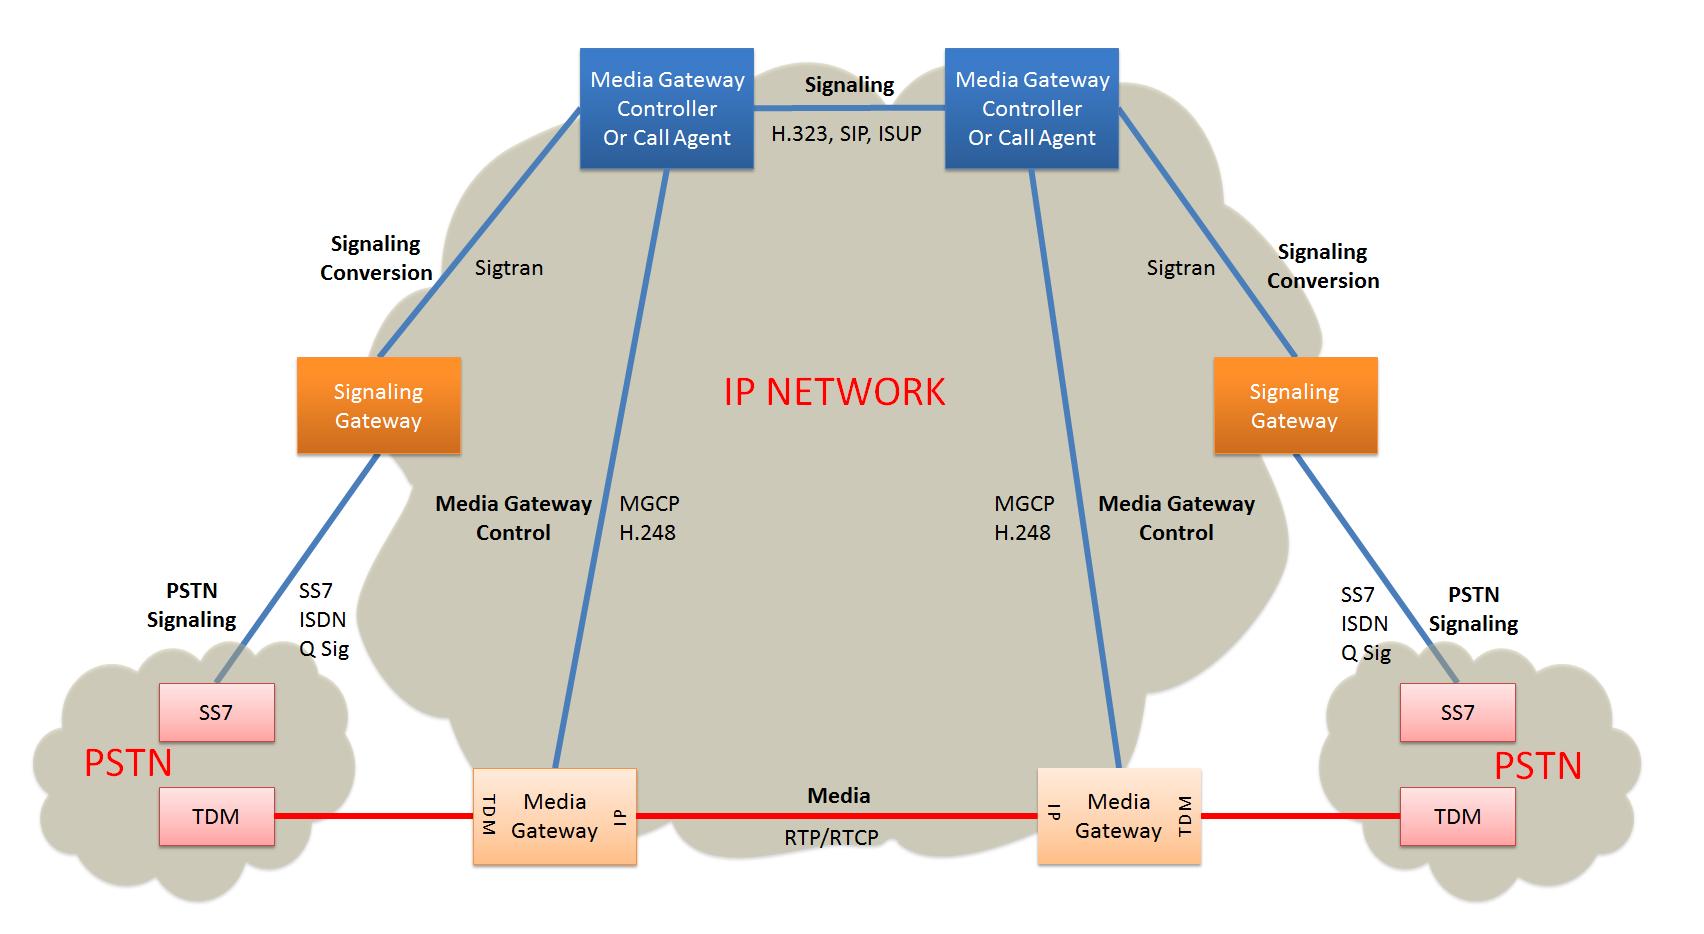 Media gateway control protocol architecture - Wikipedia